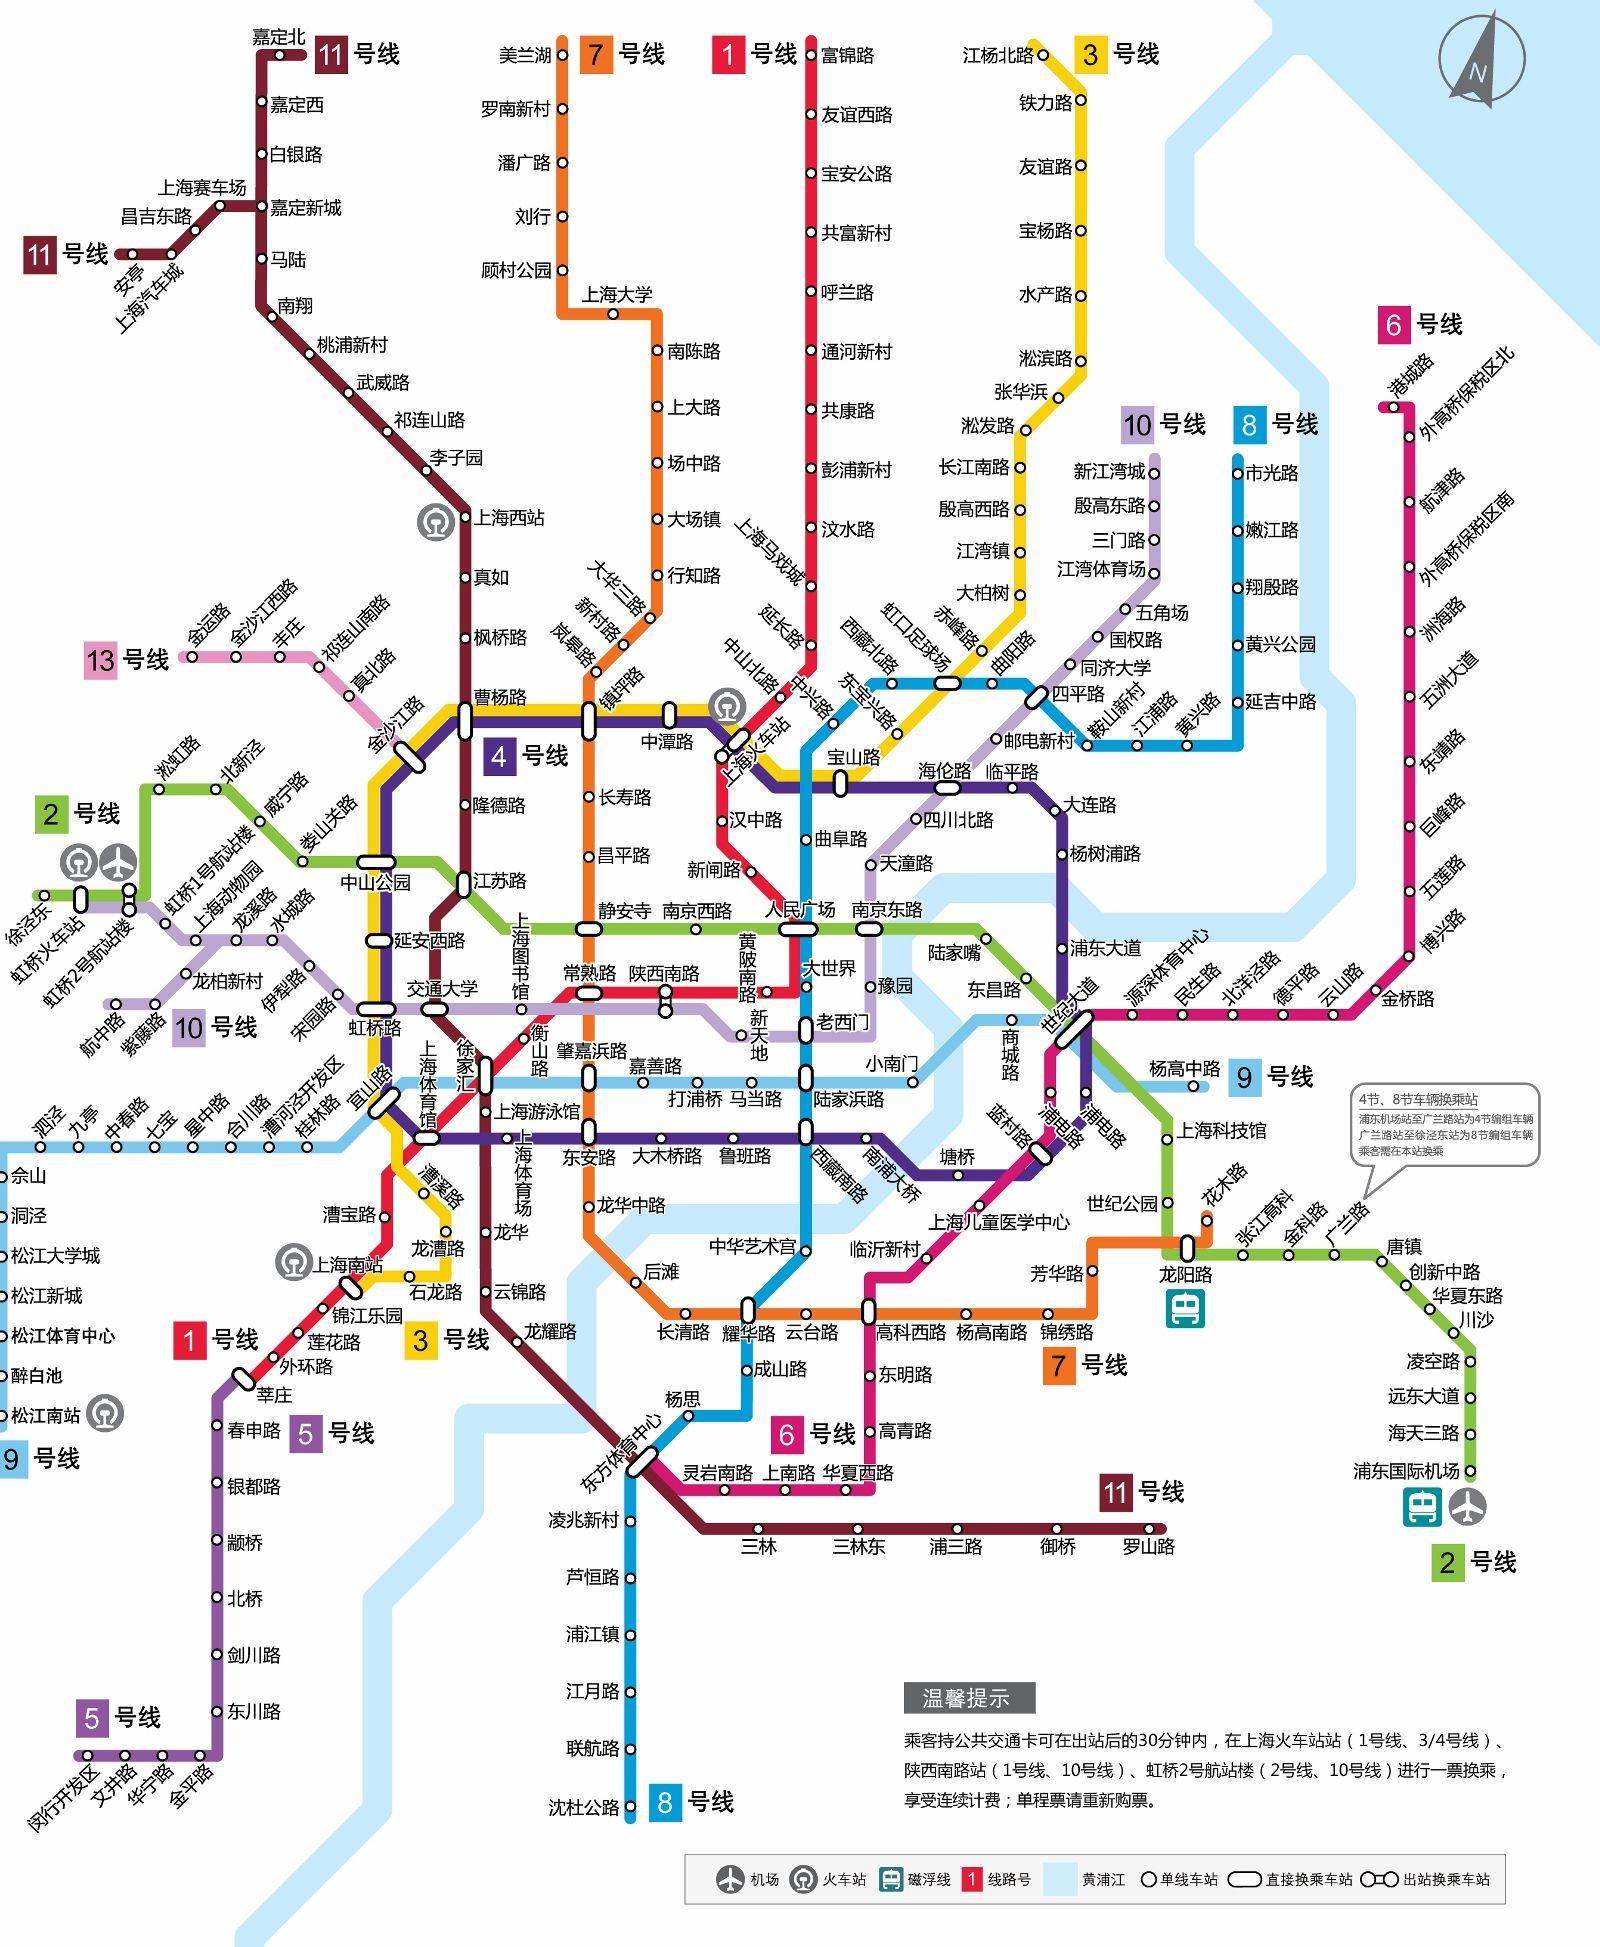 上海地图 上海地图全图 上海地铁线路图 上海地图全图图片